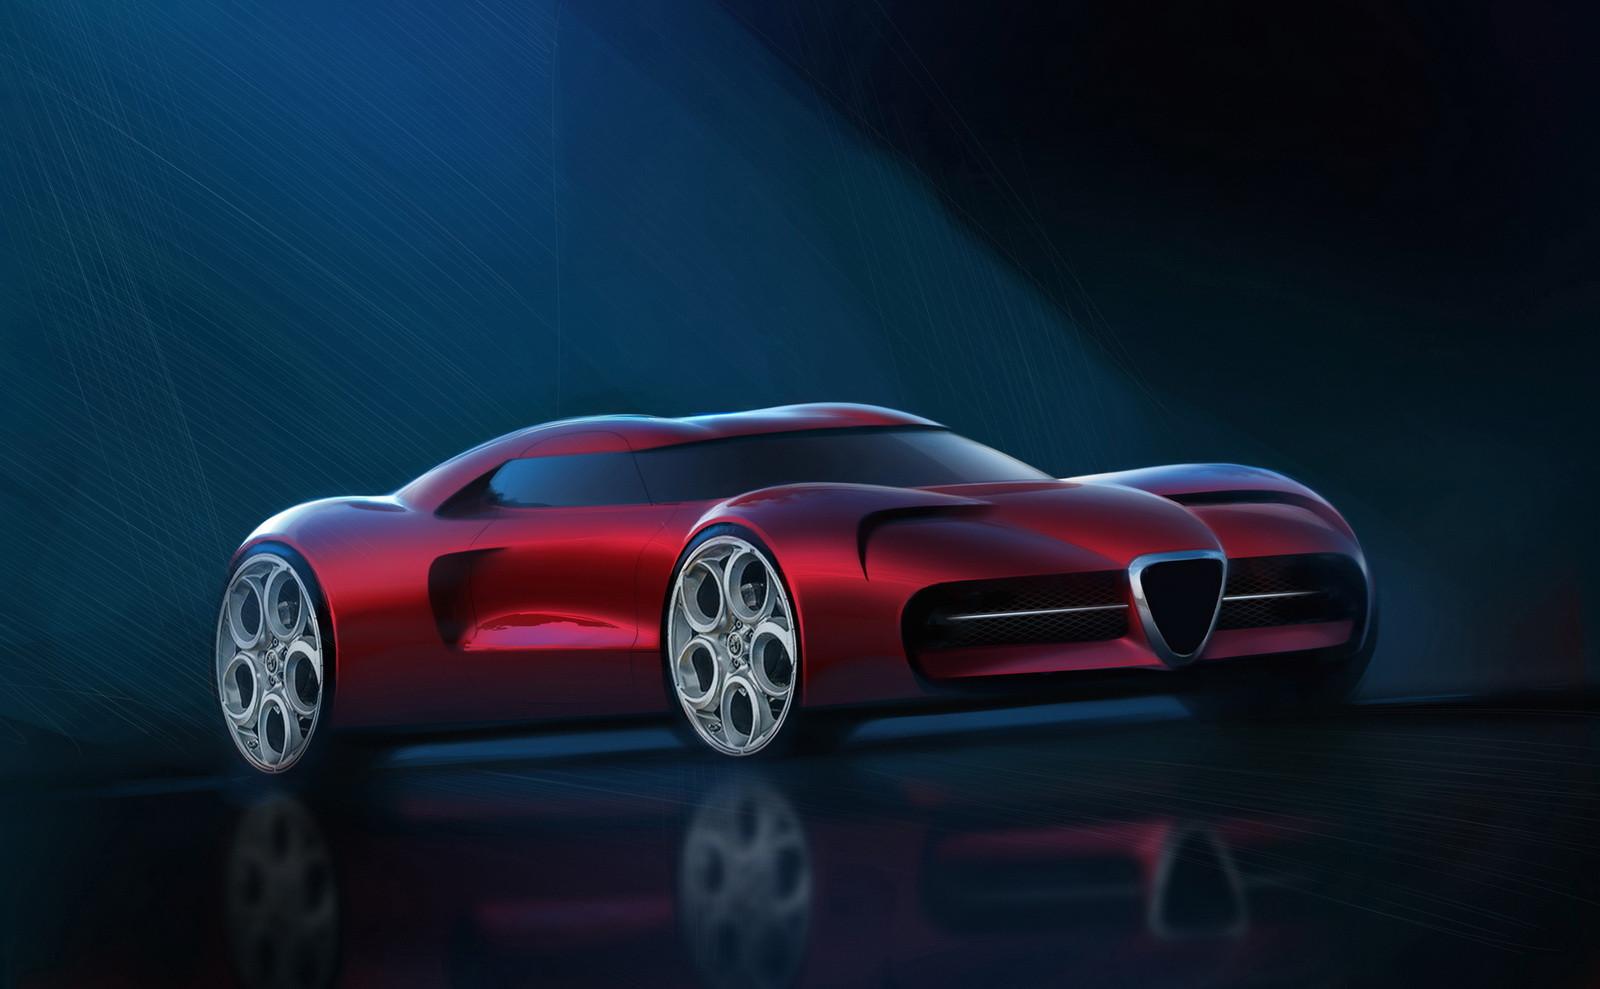 Альфа Ромео планирует выпустить 1-ый суперкар